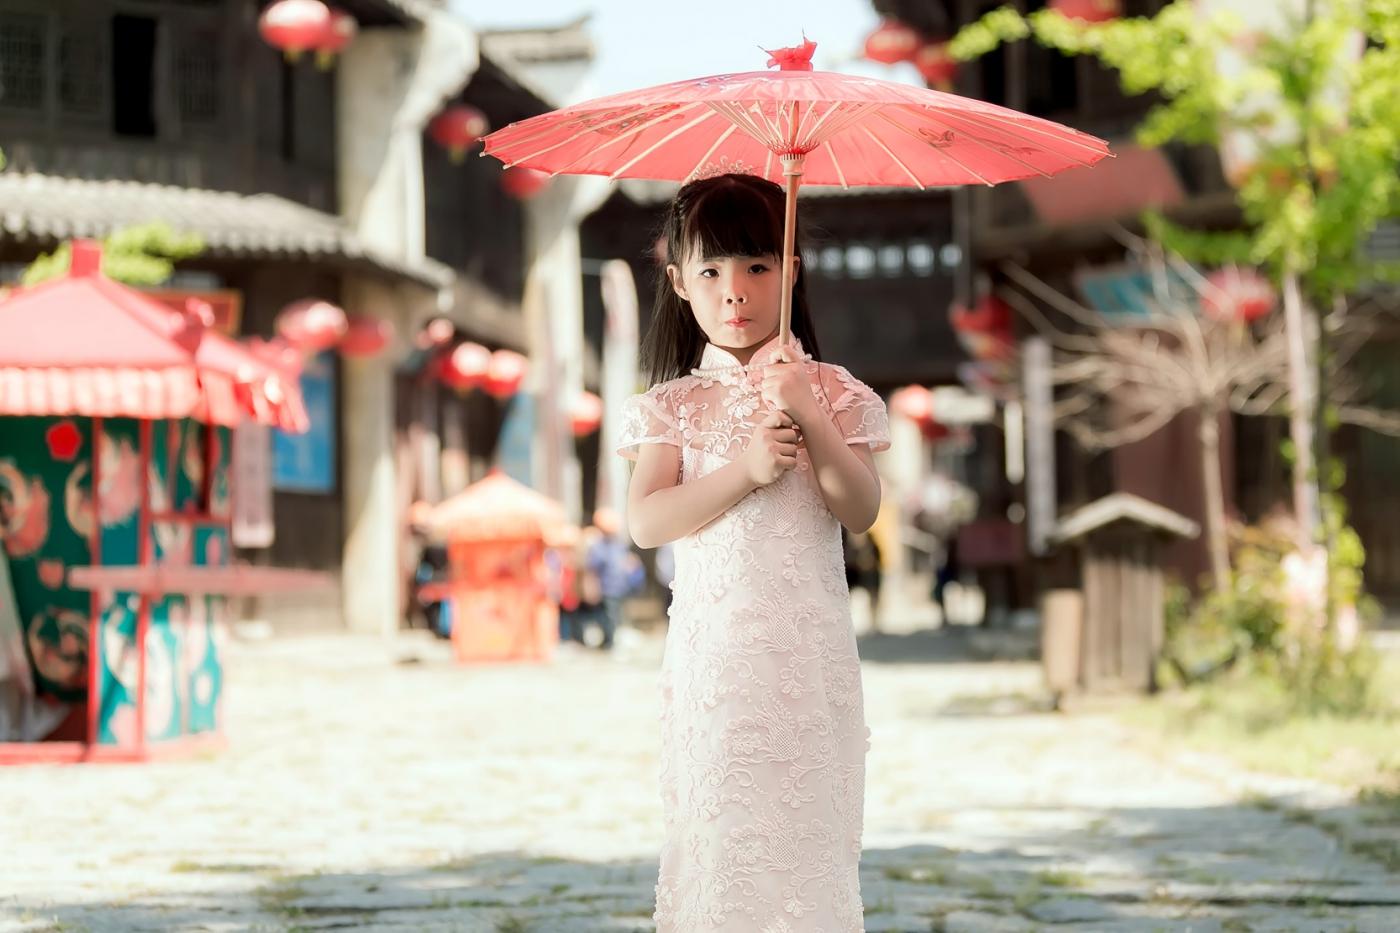 沂蒙娃娃穿上礼服走上show台 有个女孩特别萌 礼仪就要从娃娃抓起 ..._图1-25